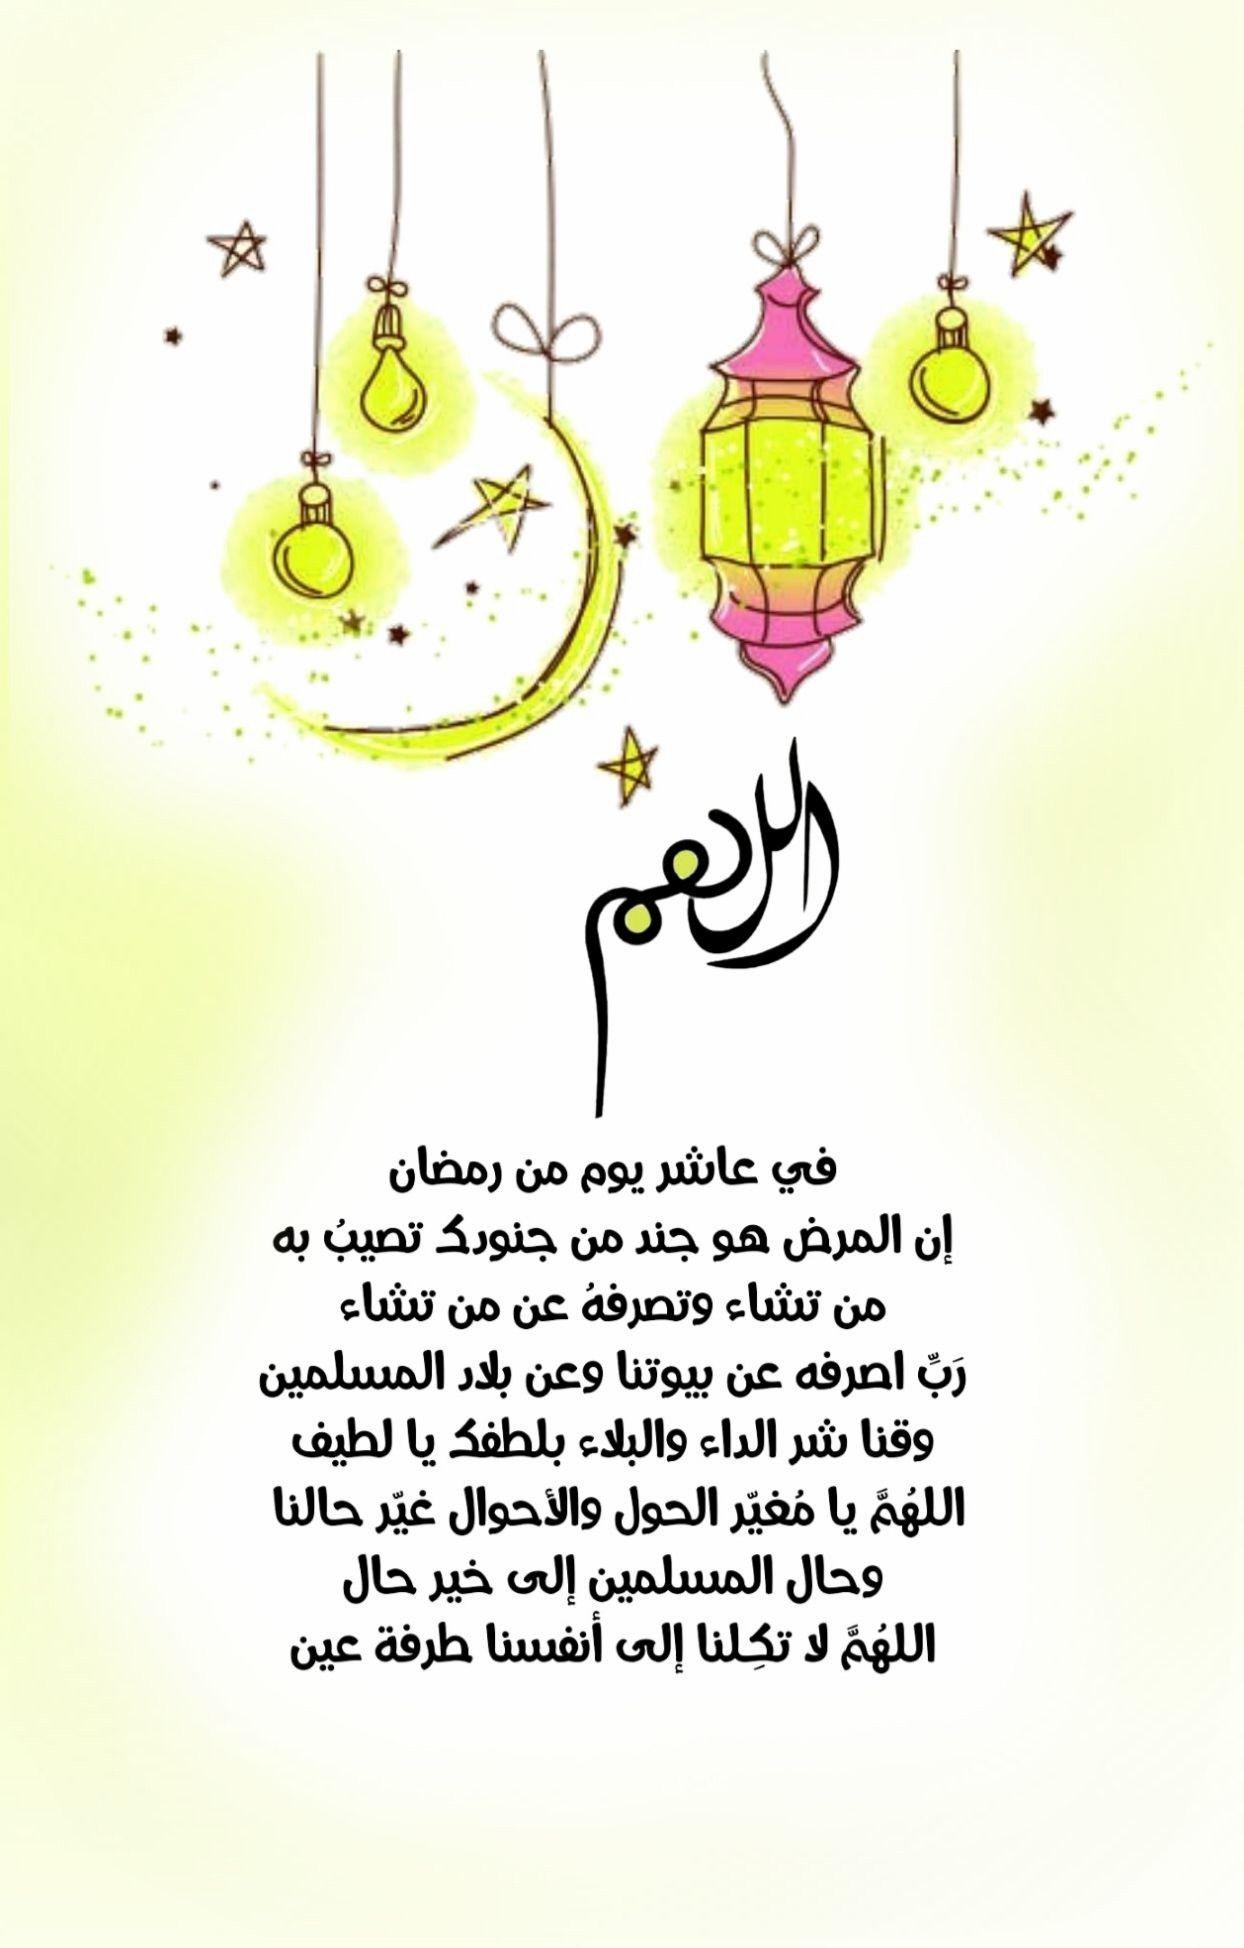 الله م في عاشر يوم من رمضان إن المرض هو جند من جنودك تصيب به من تشاء وتصرفه عن من تشاء ر ب اصرفه عن بيوتنا و Ramadan Lantern Ramadan Crafts Ramadan